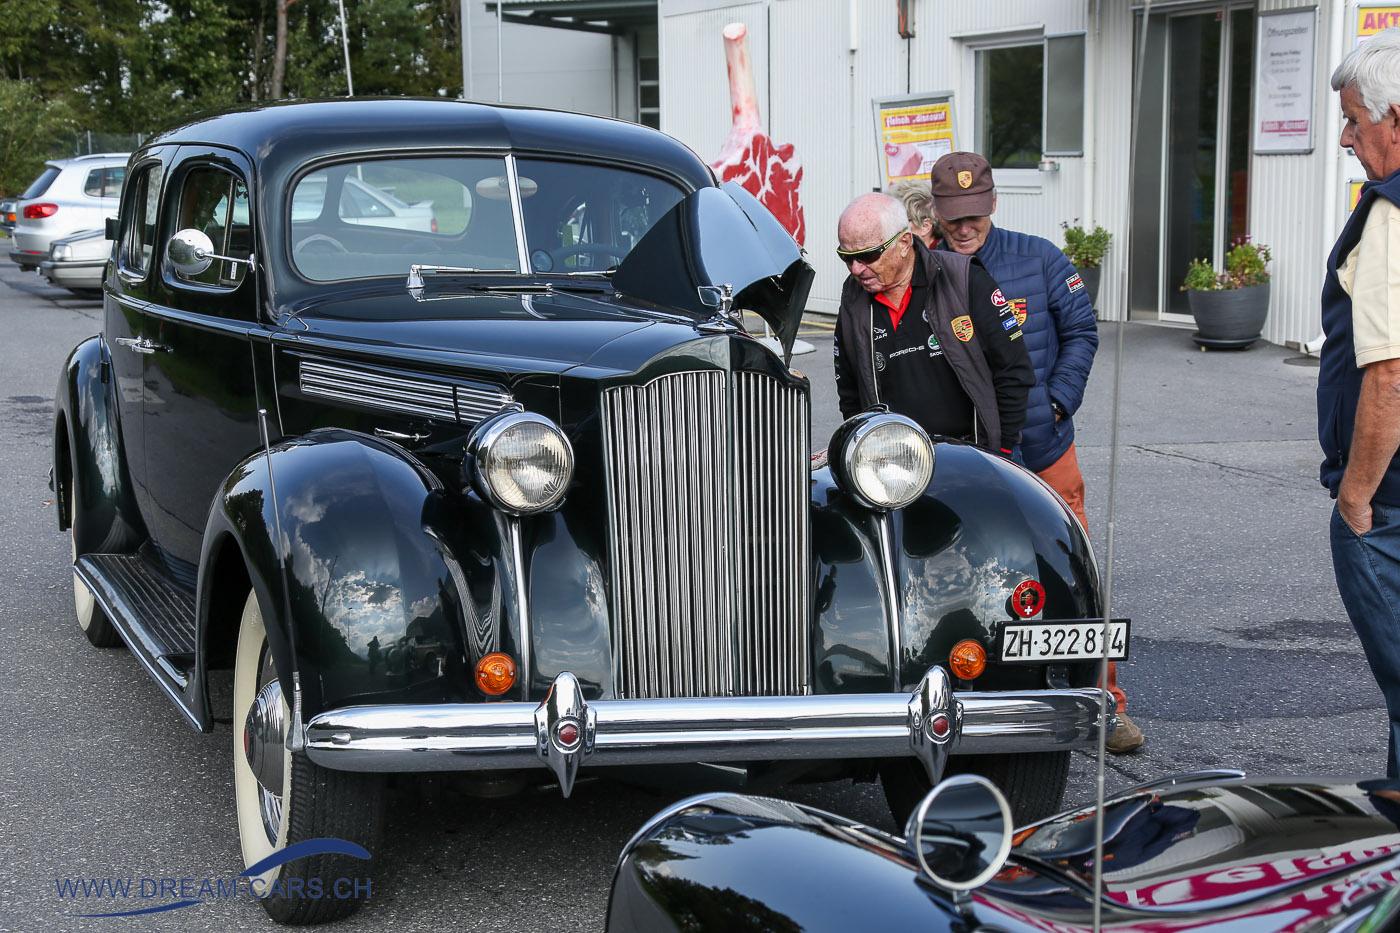 Redliträff Bilten, September 2017